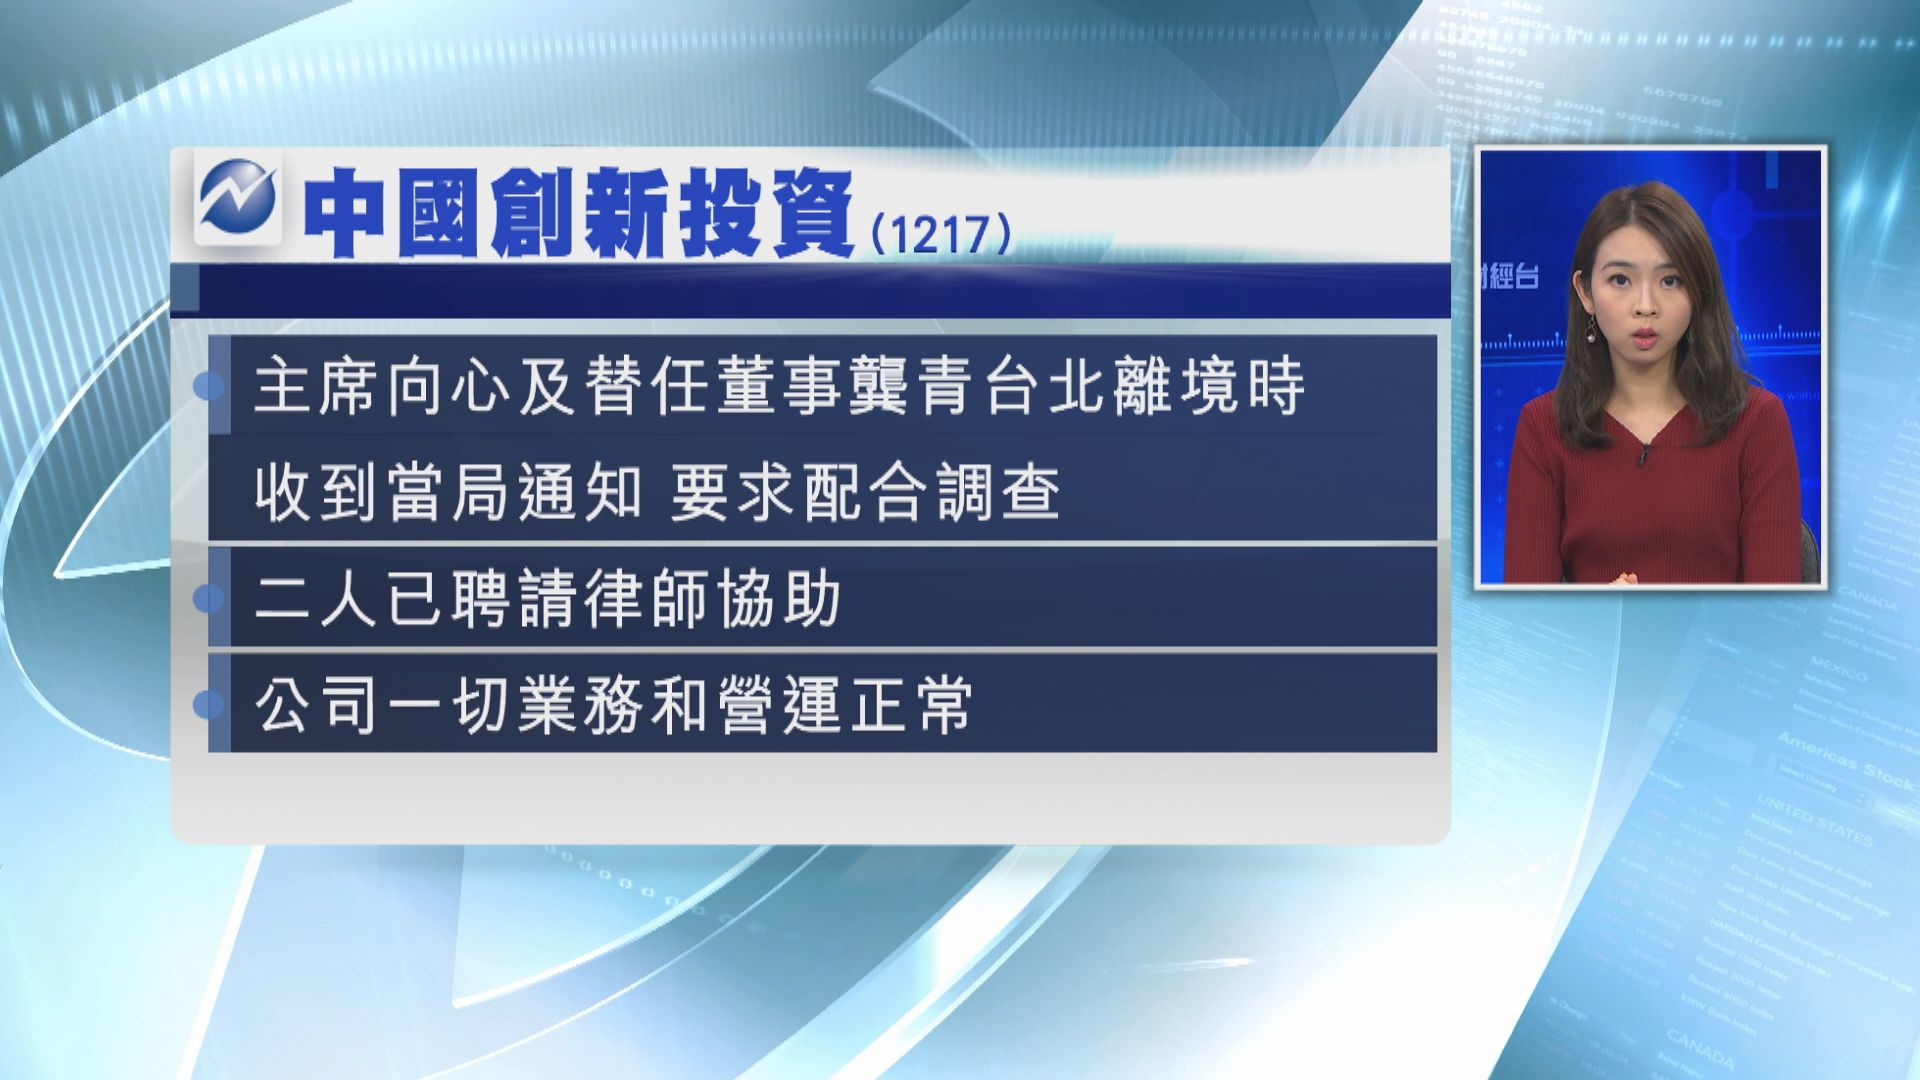 【配合調查】中國創新投資主席離境台灣 被要求配合調查